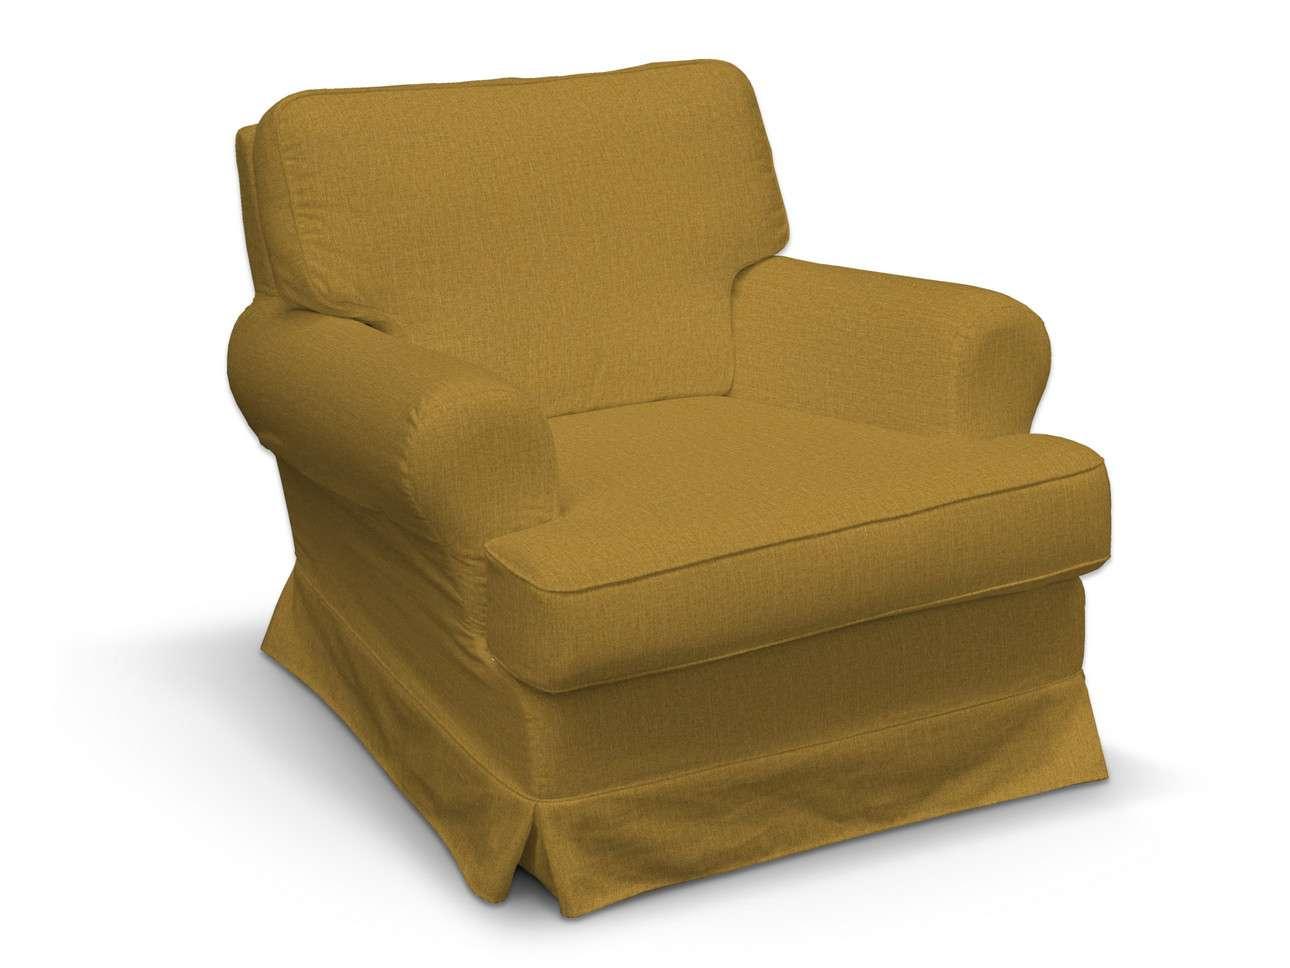 Pokrowiec na fotel Barkaby w kolekcji City, tkanina: 704-82